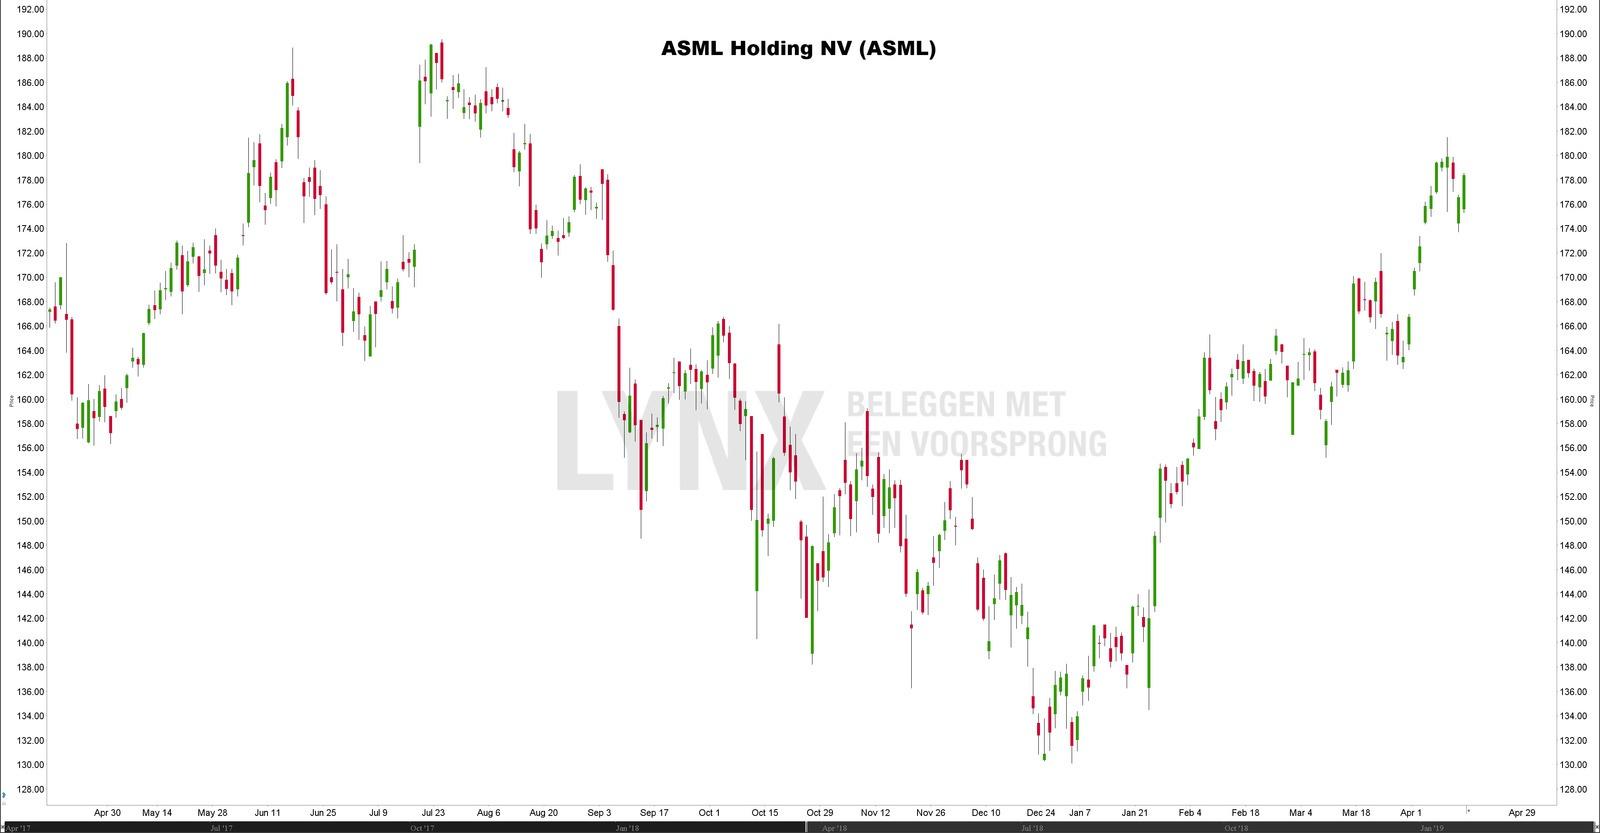 Koers ASML - aandeel ASML